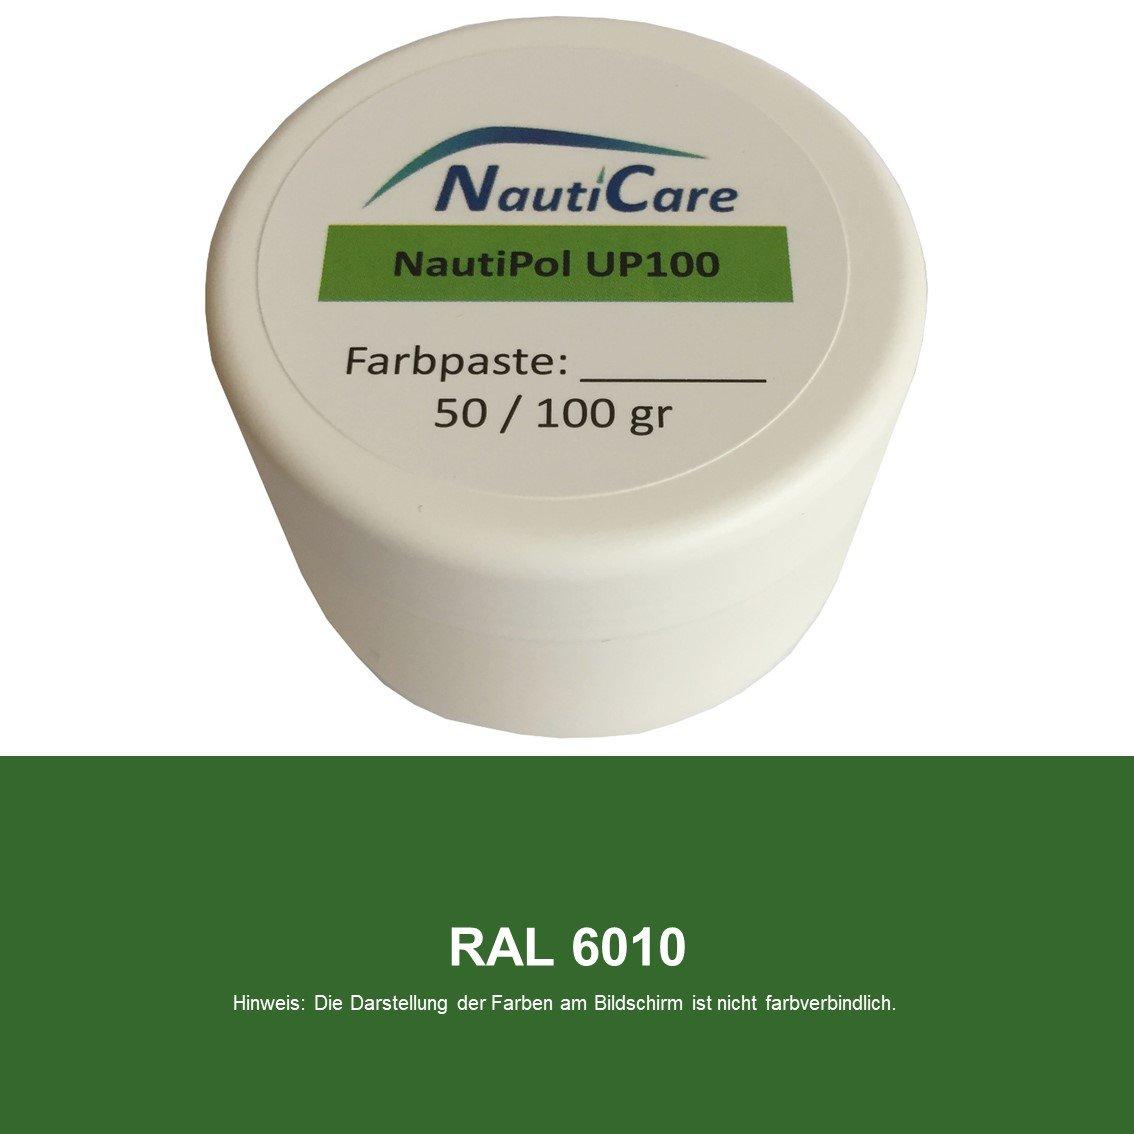 NautiCare NautiPol up 100 Farbpaste 100 g - 35 RAL Farben zur Auswahl - Zum Einfä rben von Polyesterharz